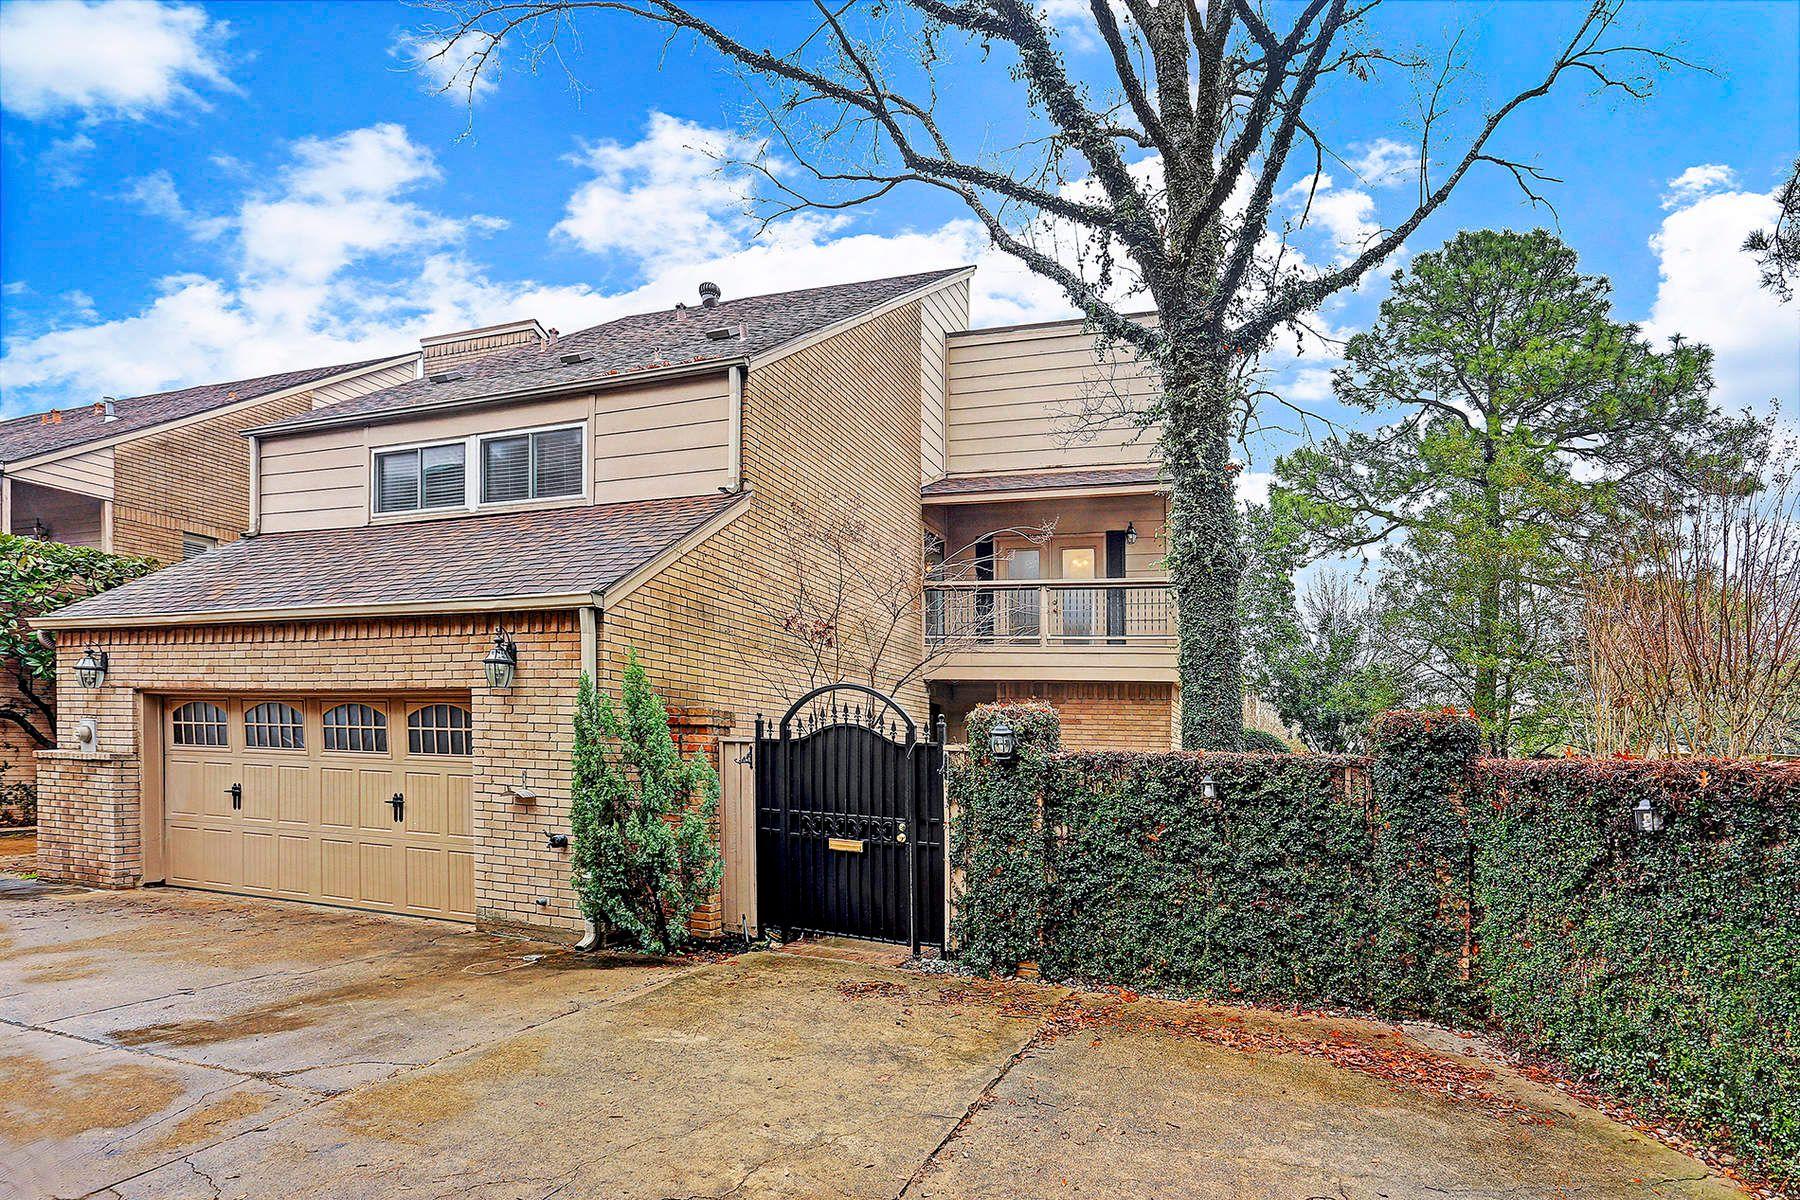 联栋屋 为 销售 在 1112 Nantucket Drive 1112 Nantucket Drive Unit A, Westhaven Estates, 休斯顿, 得克萨斯州, 77057 美国